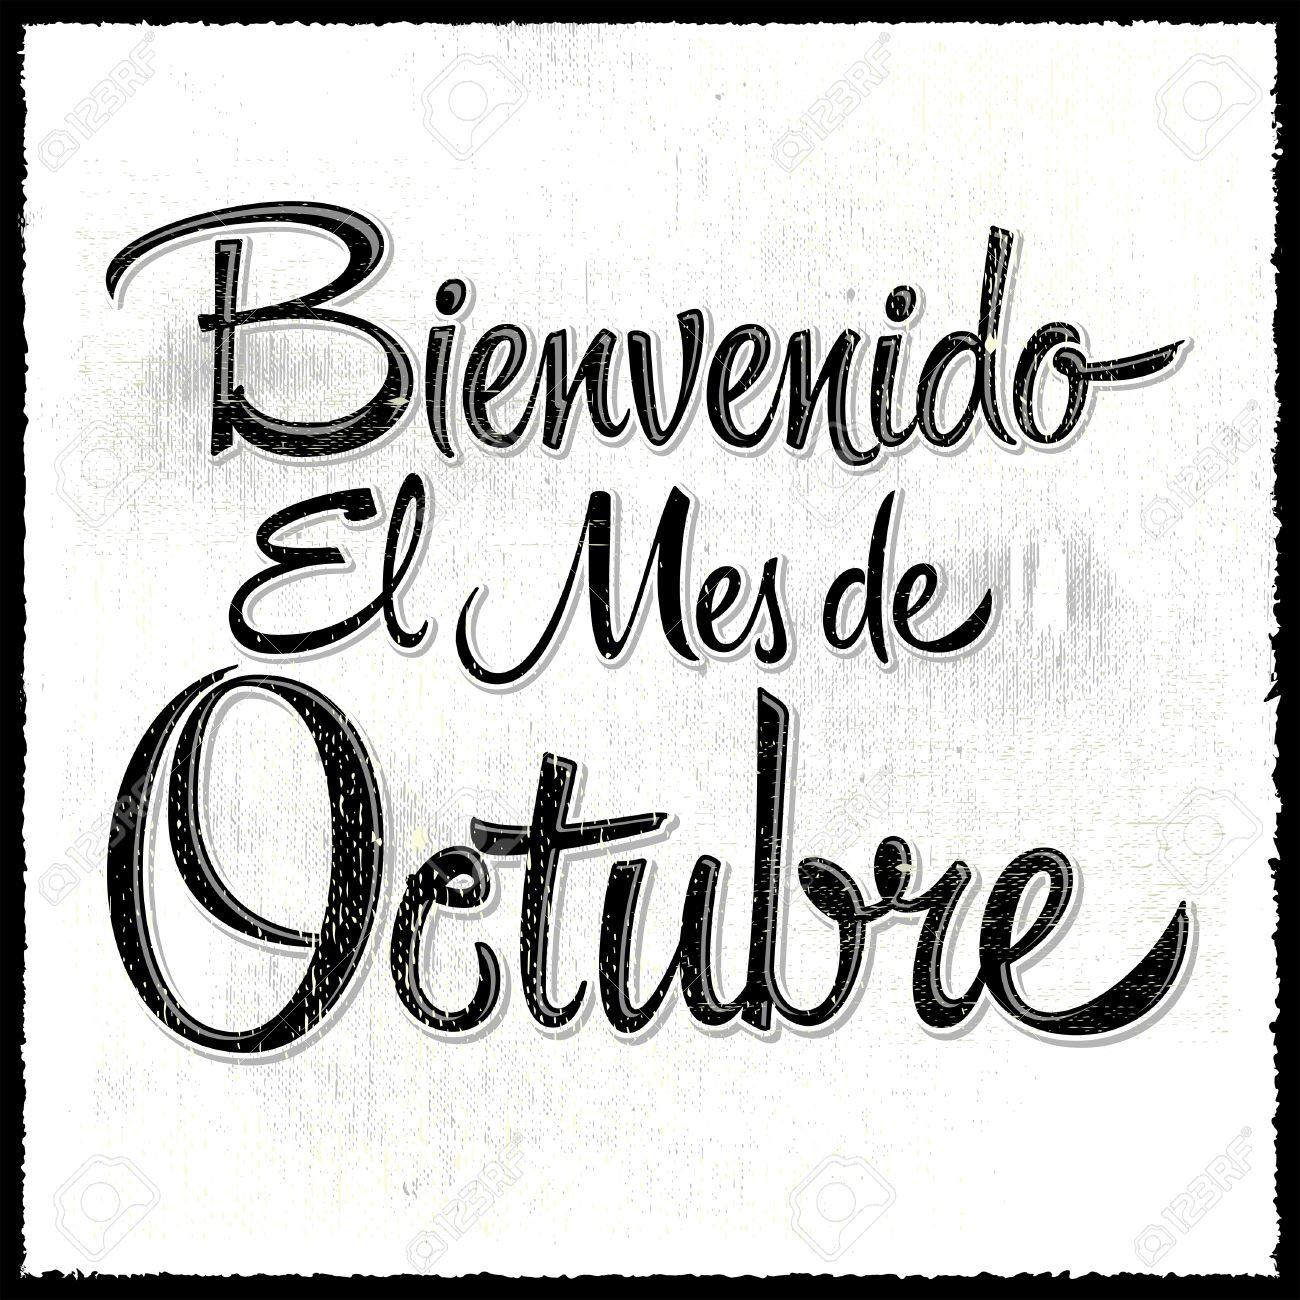 Bienvenido El Mes De Octubre - Welcome October Spanish Text ...